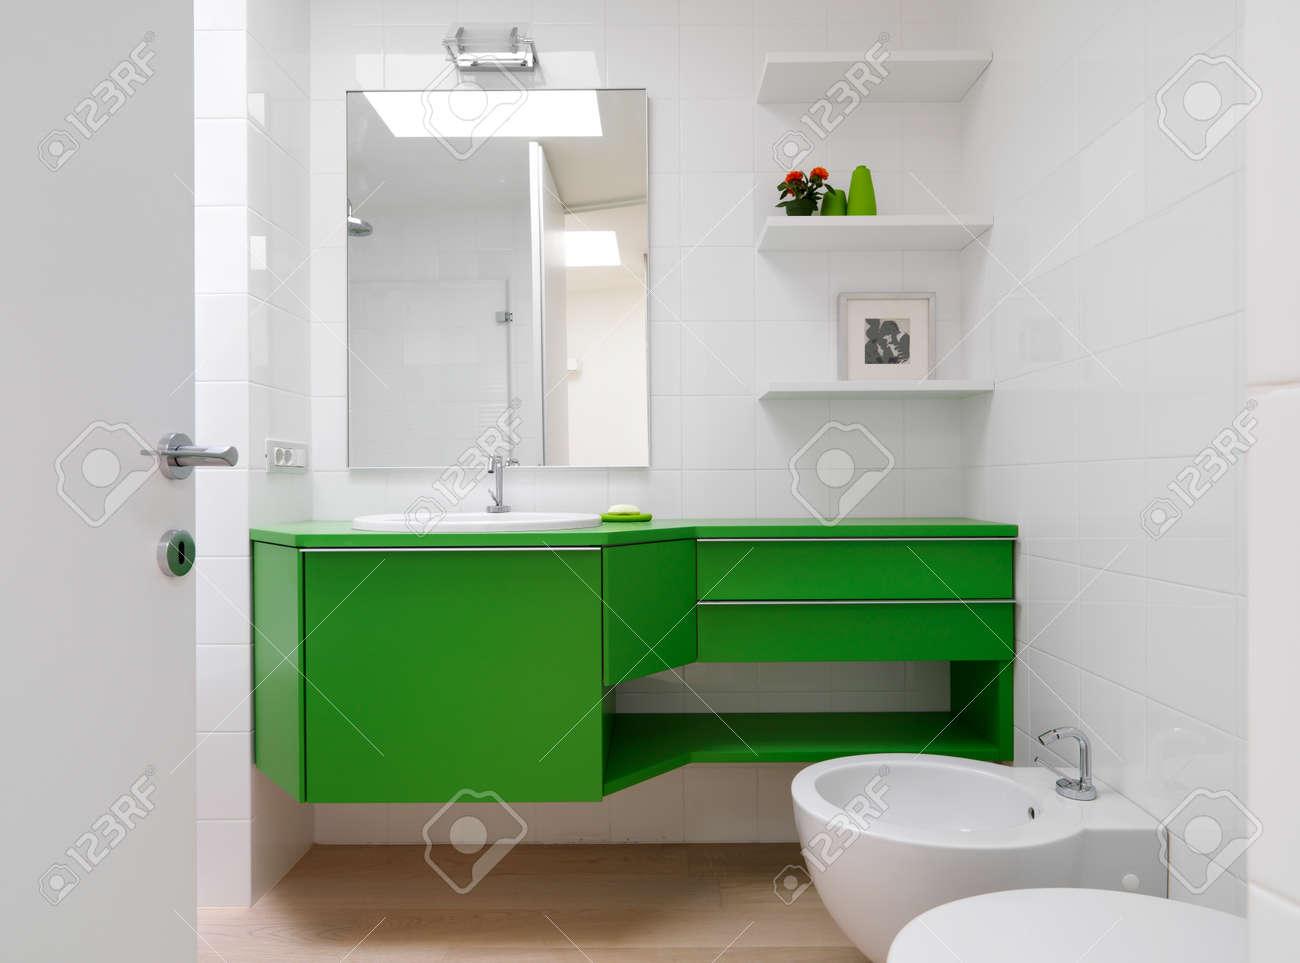 archivio fotografico bagno moderno con mobili colorati e pavimento in legno